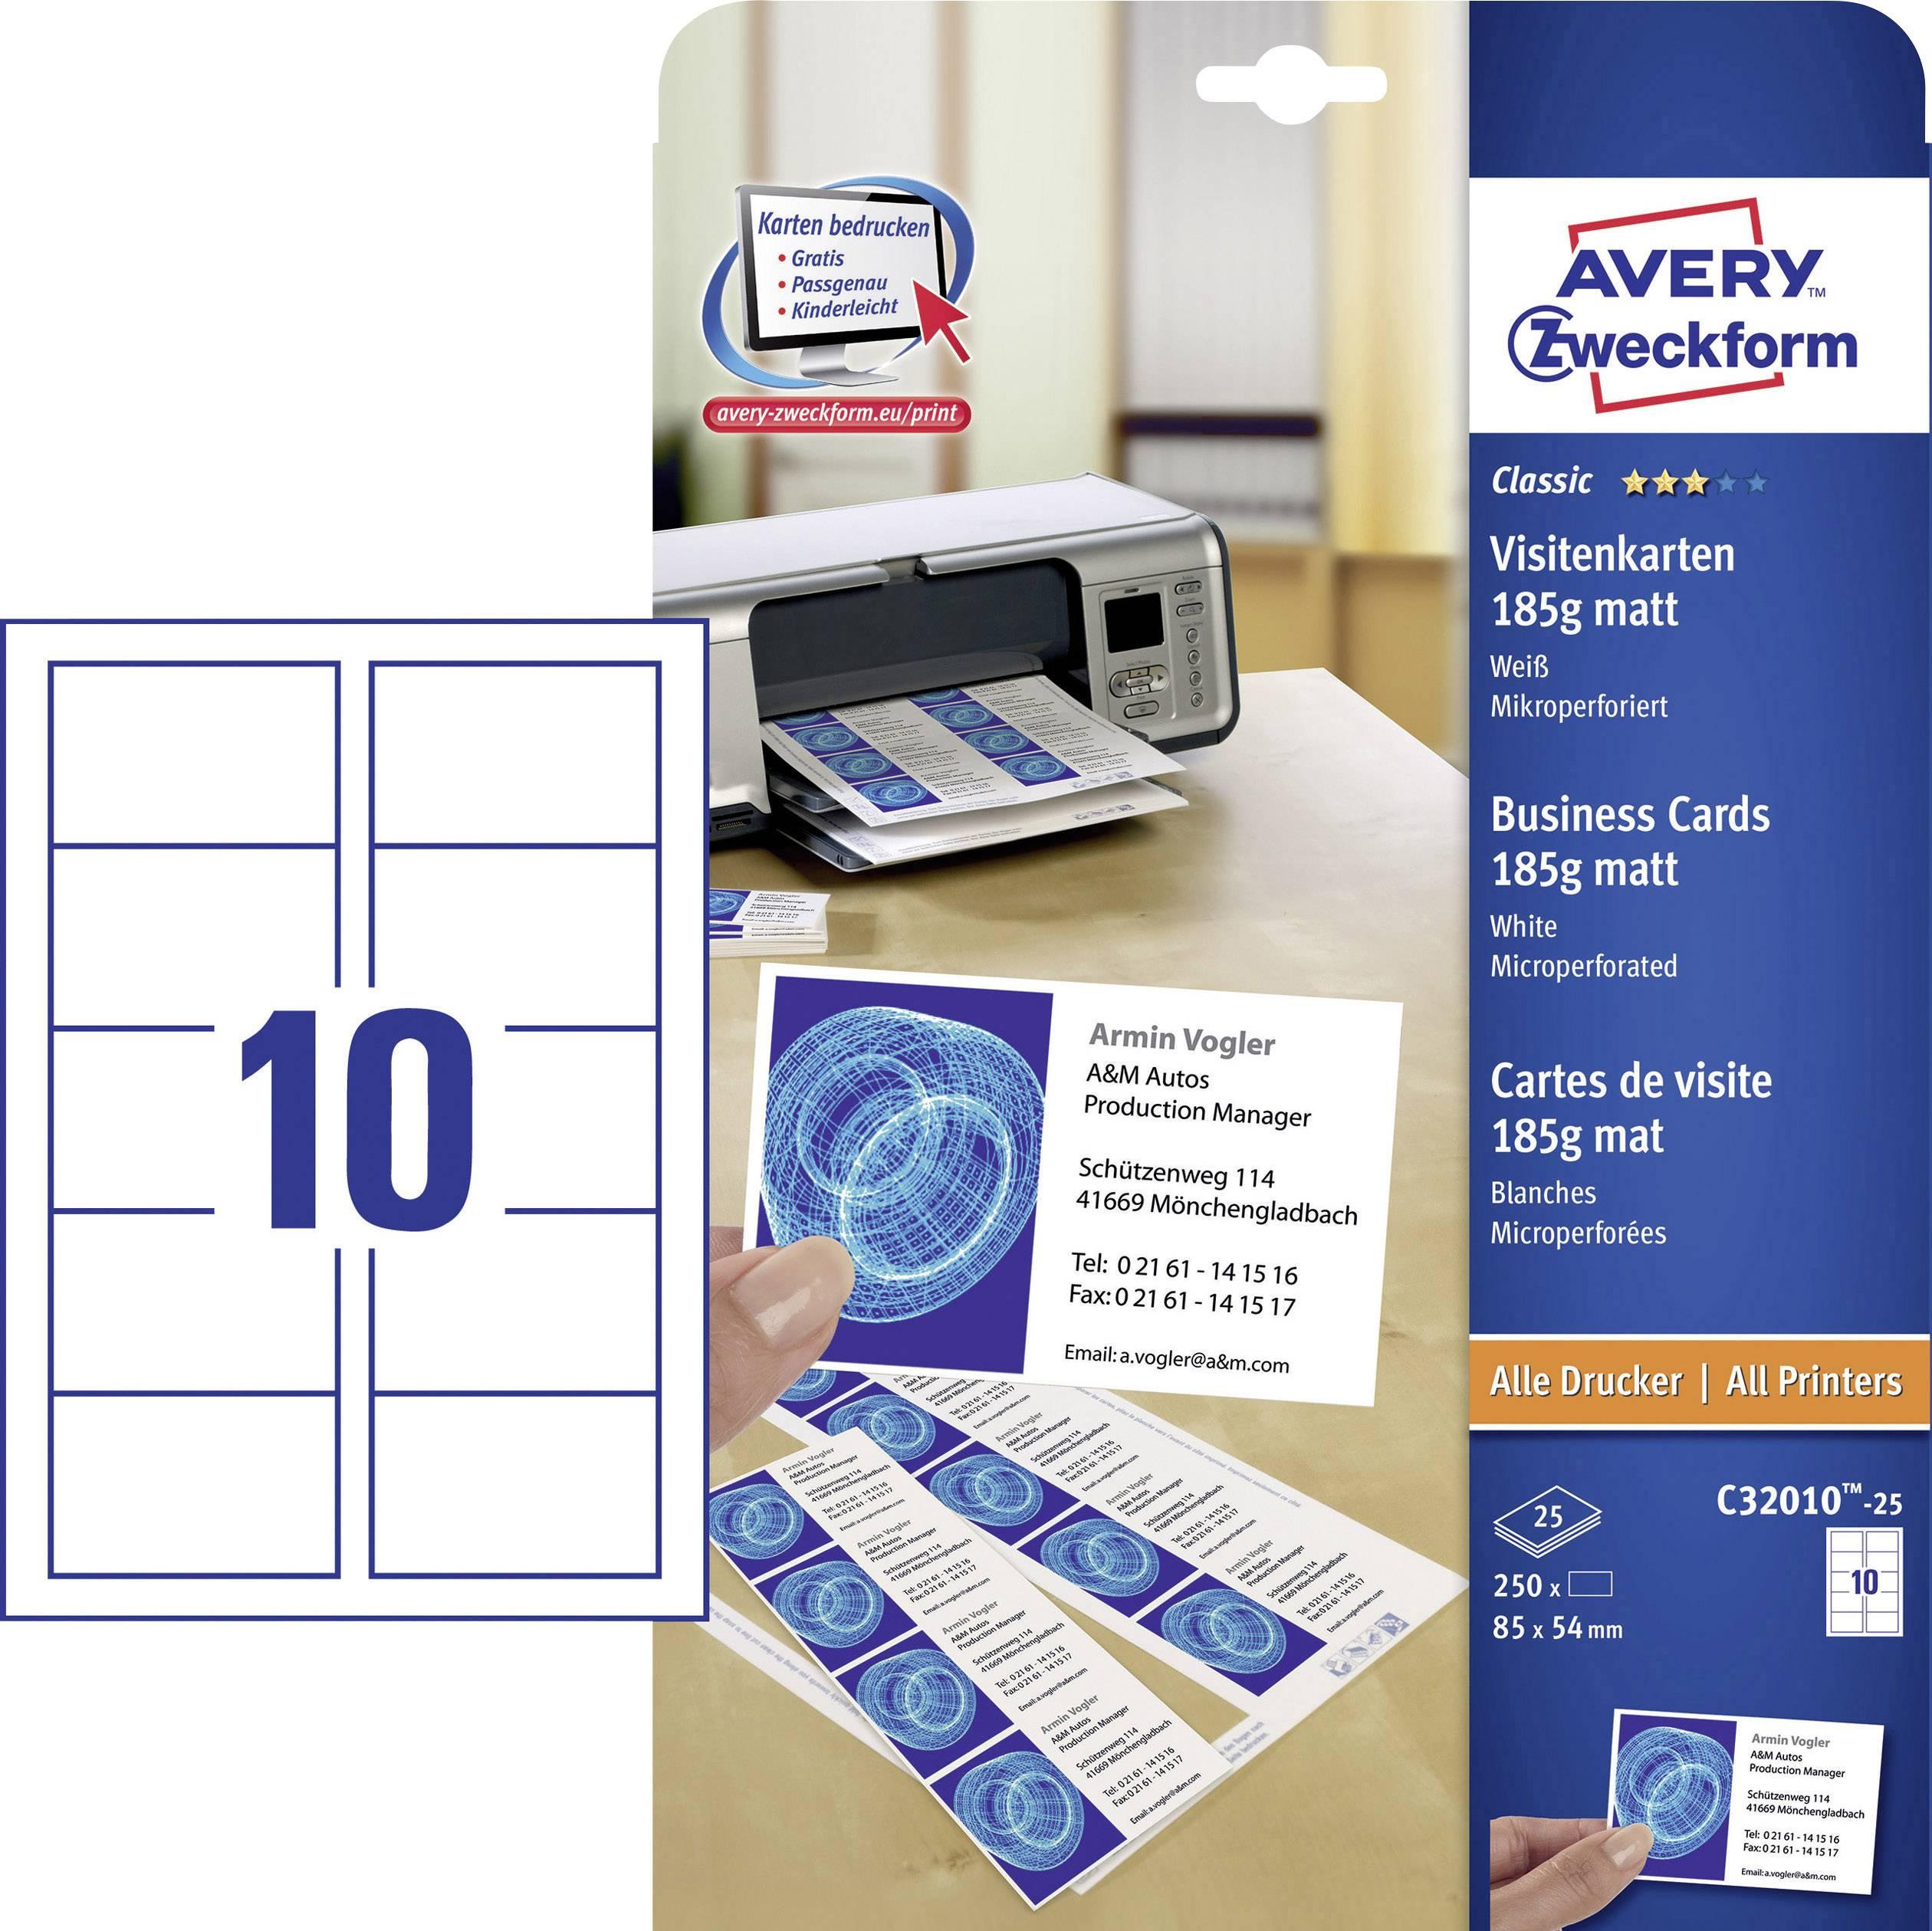 Avery Zweckform C32010 25 Bedruckbare Visitenkarten Microperforiert 85 X 54 Mm Weiß 250 St Papierformat Din A4